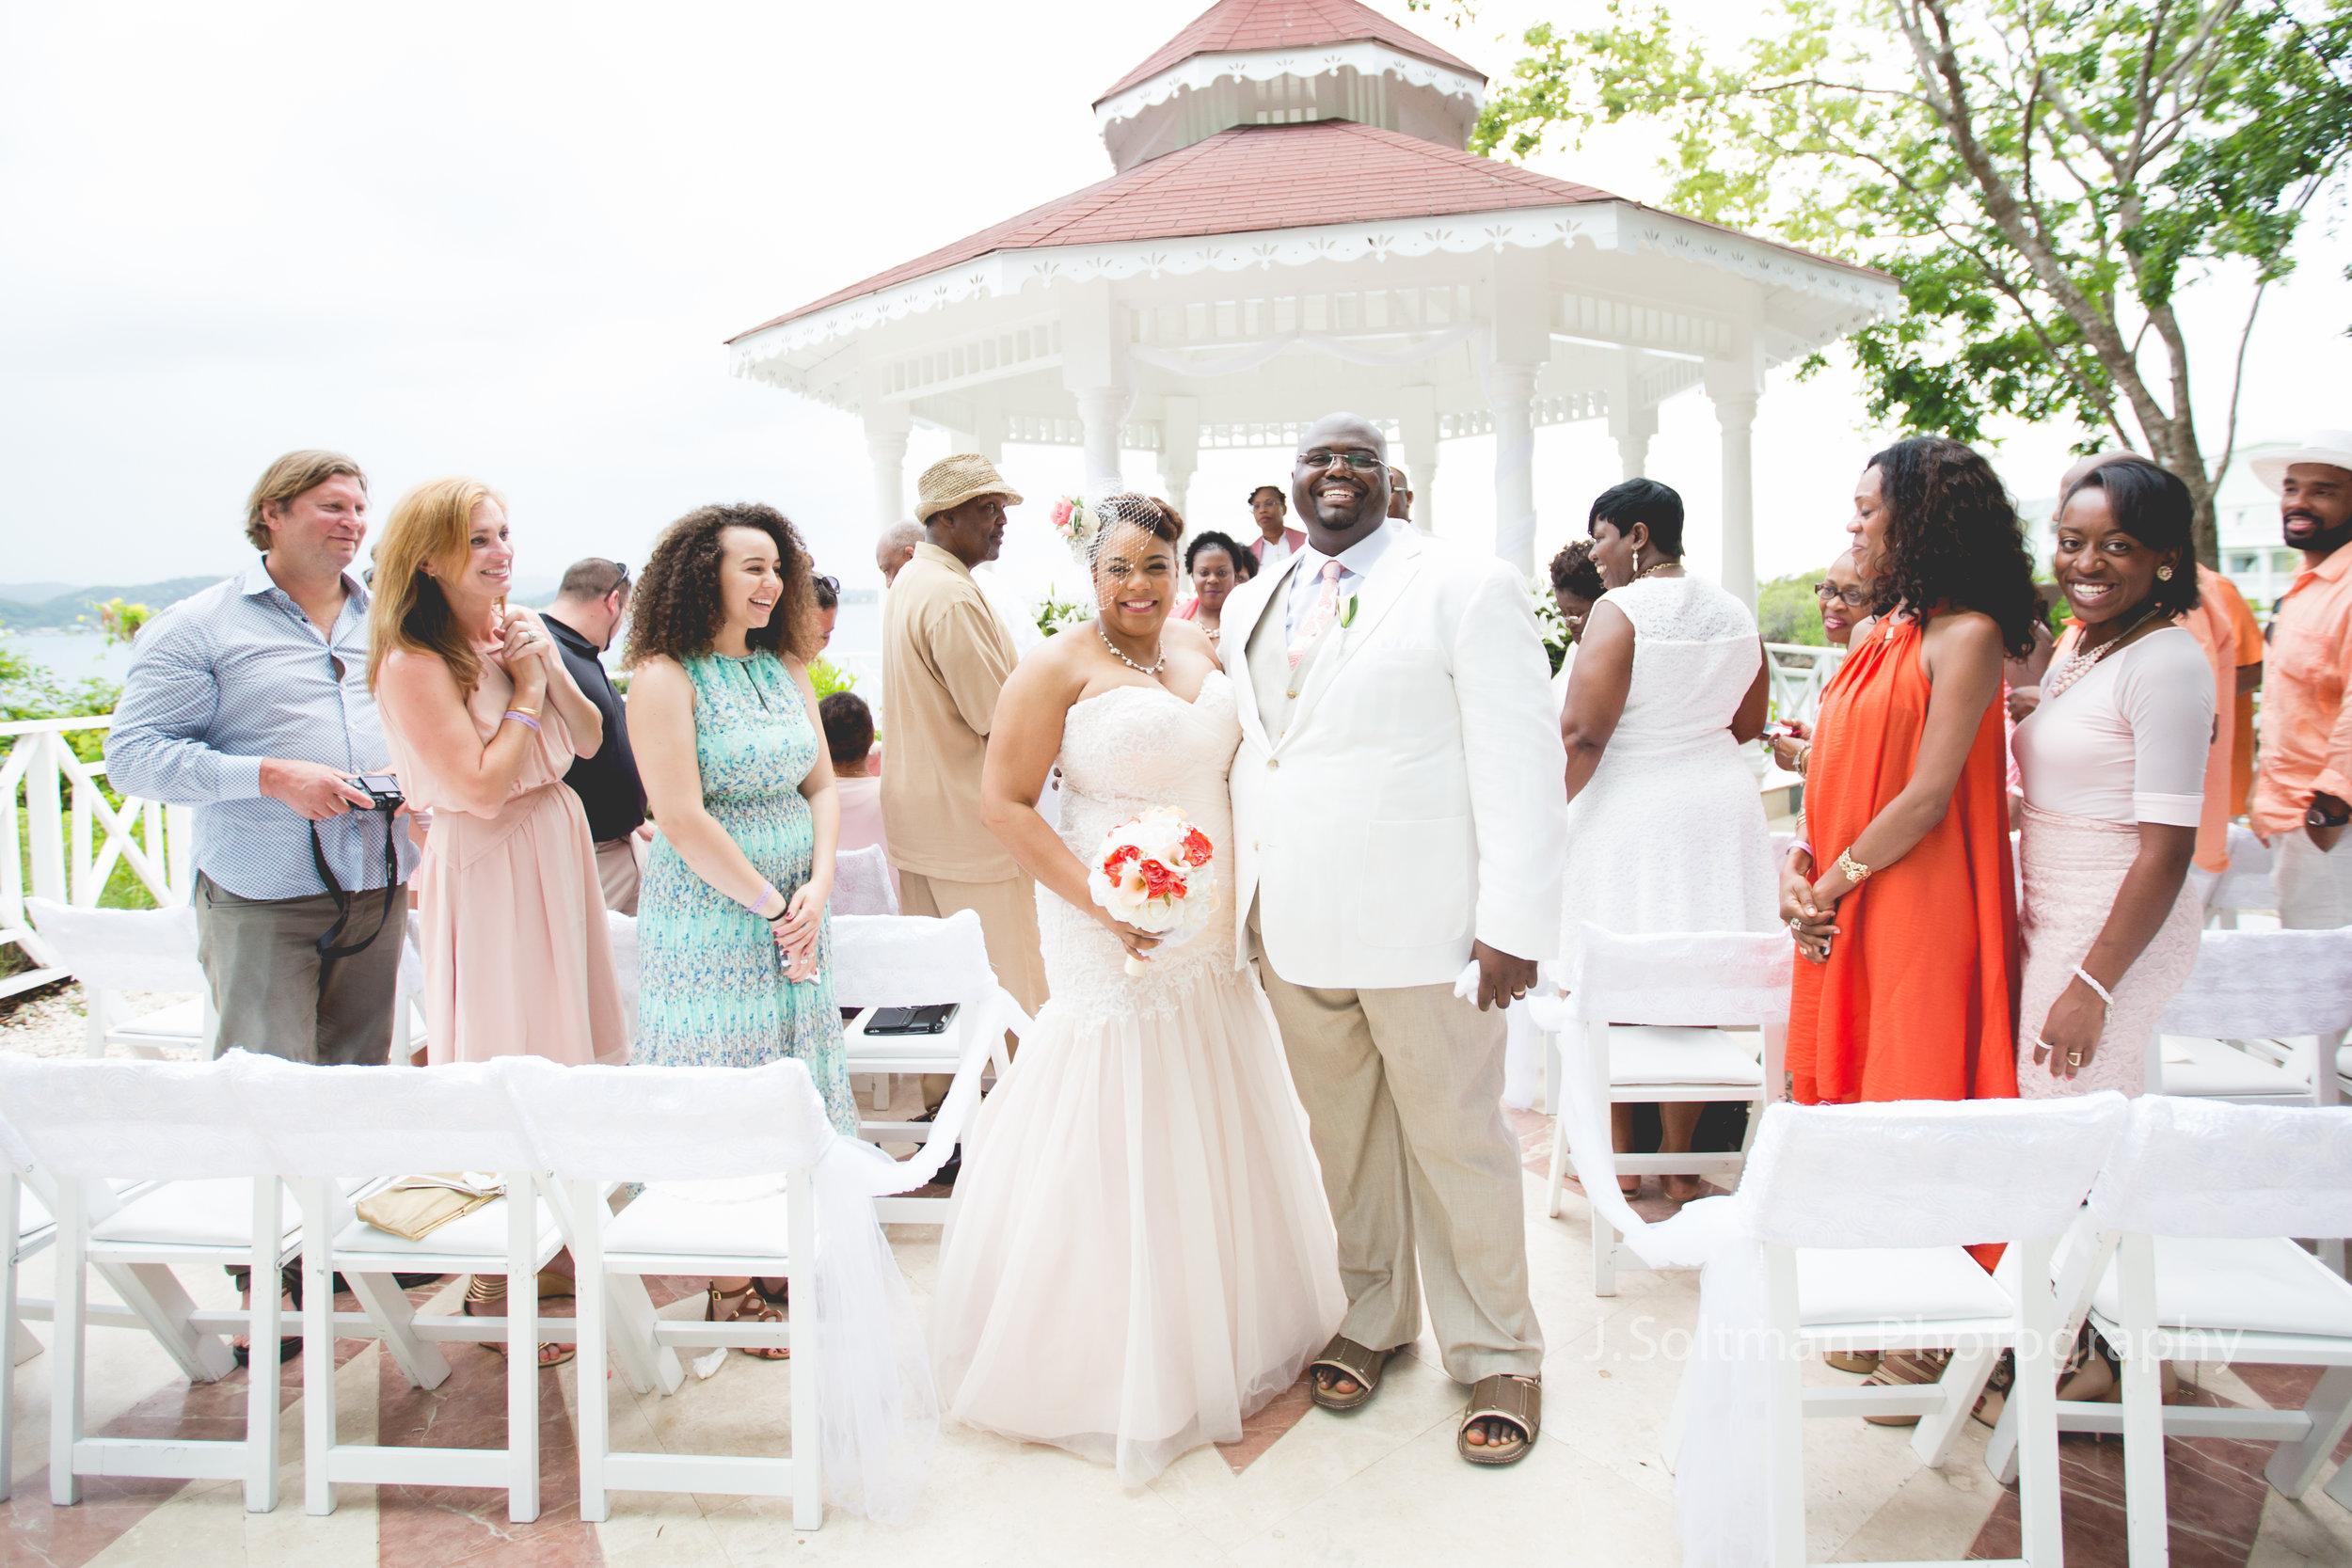 wedding photos-3989